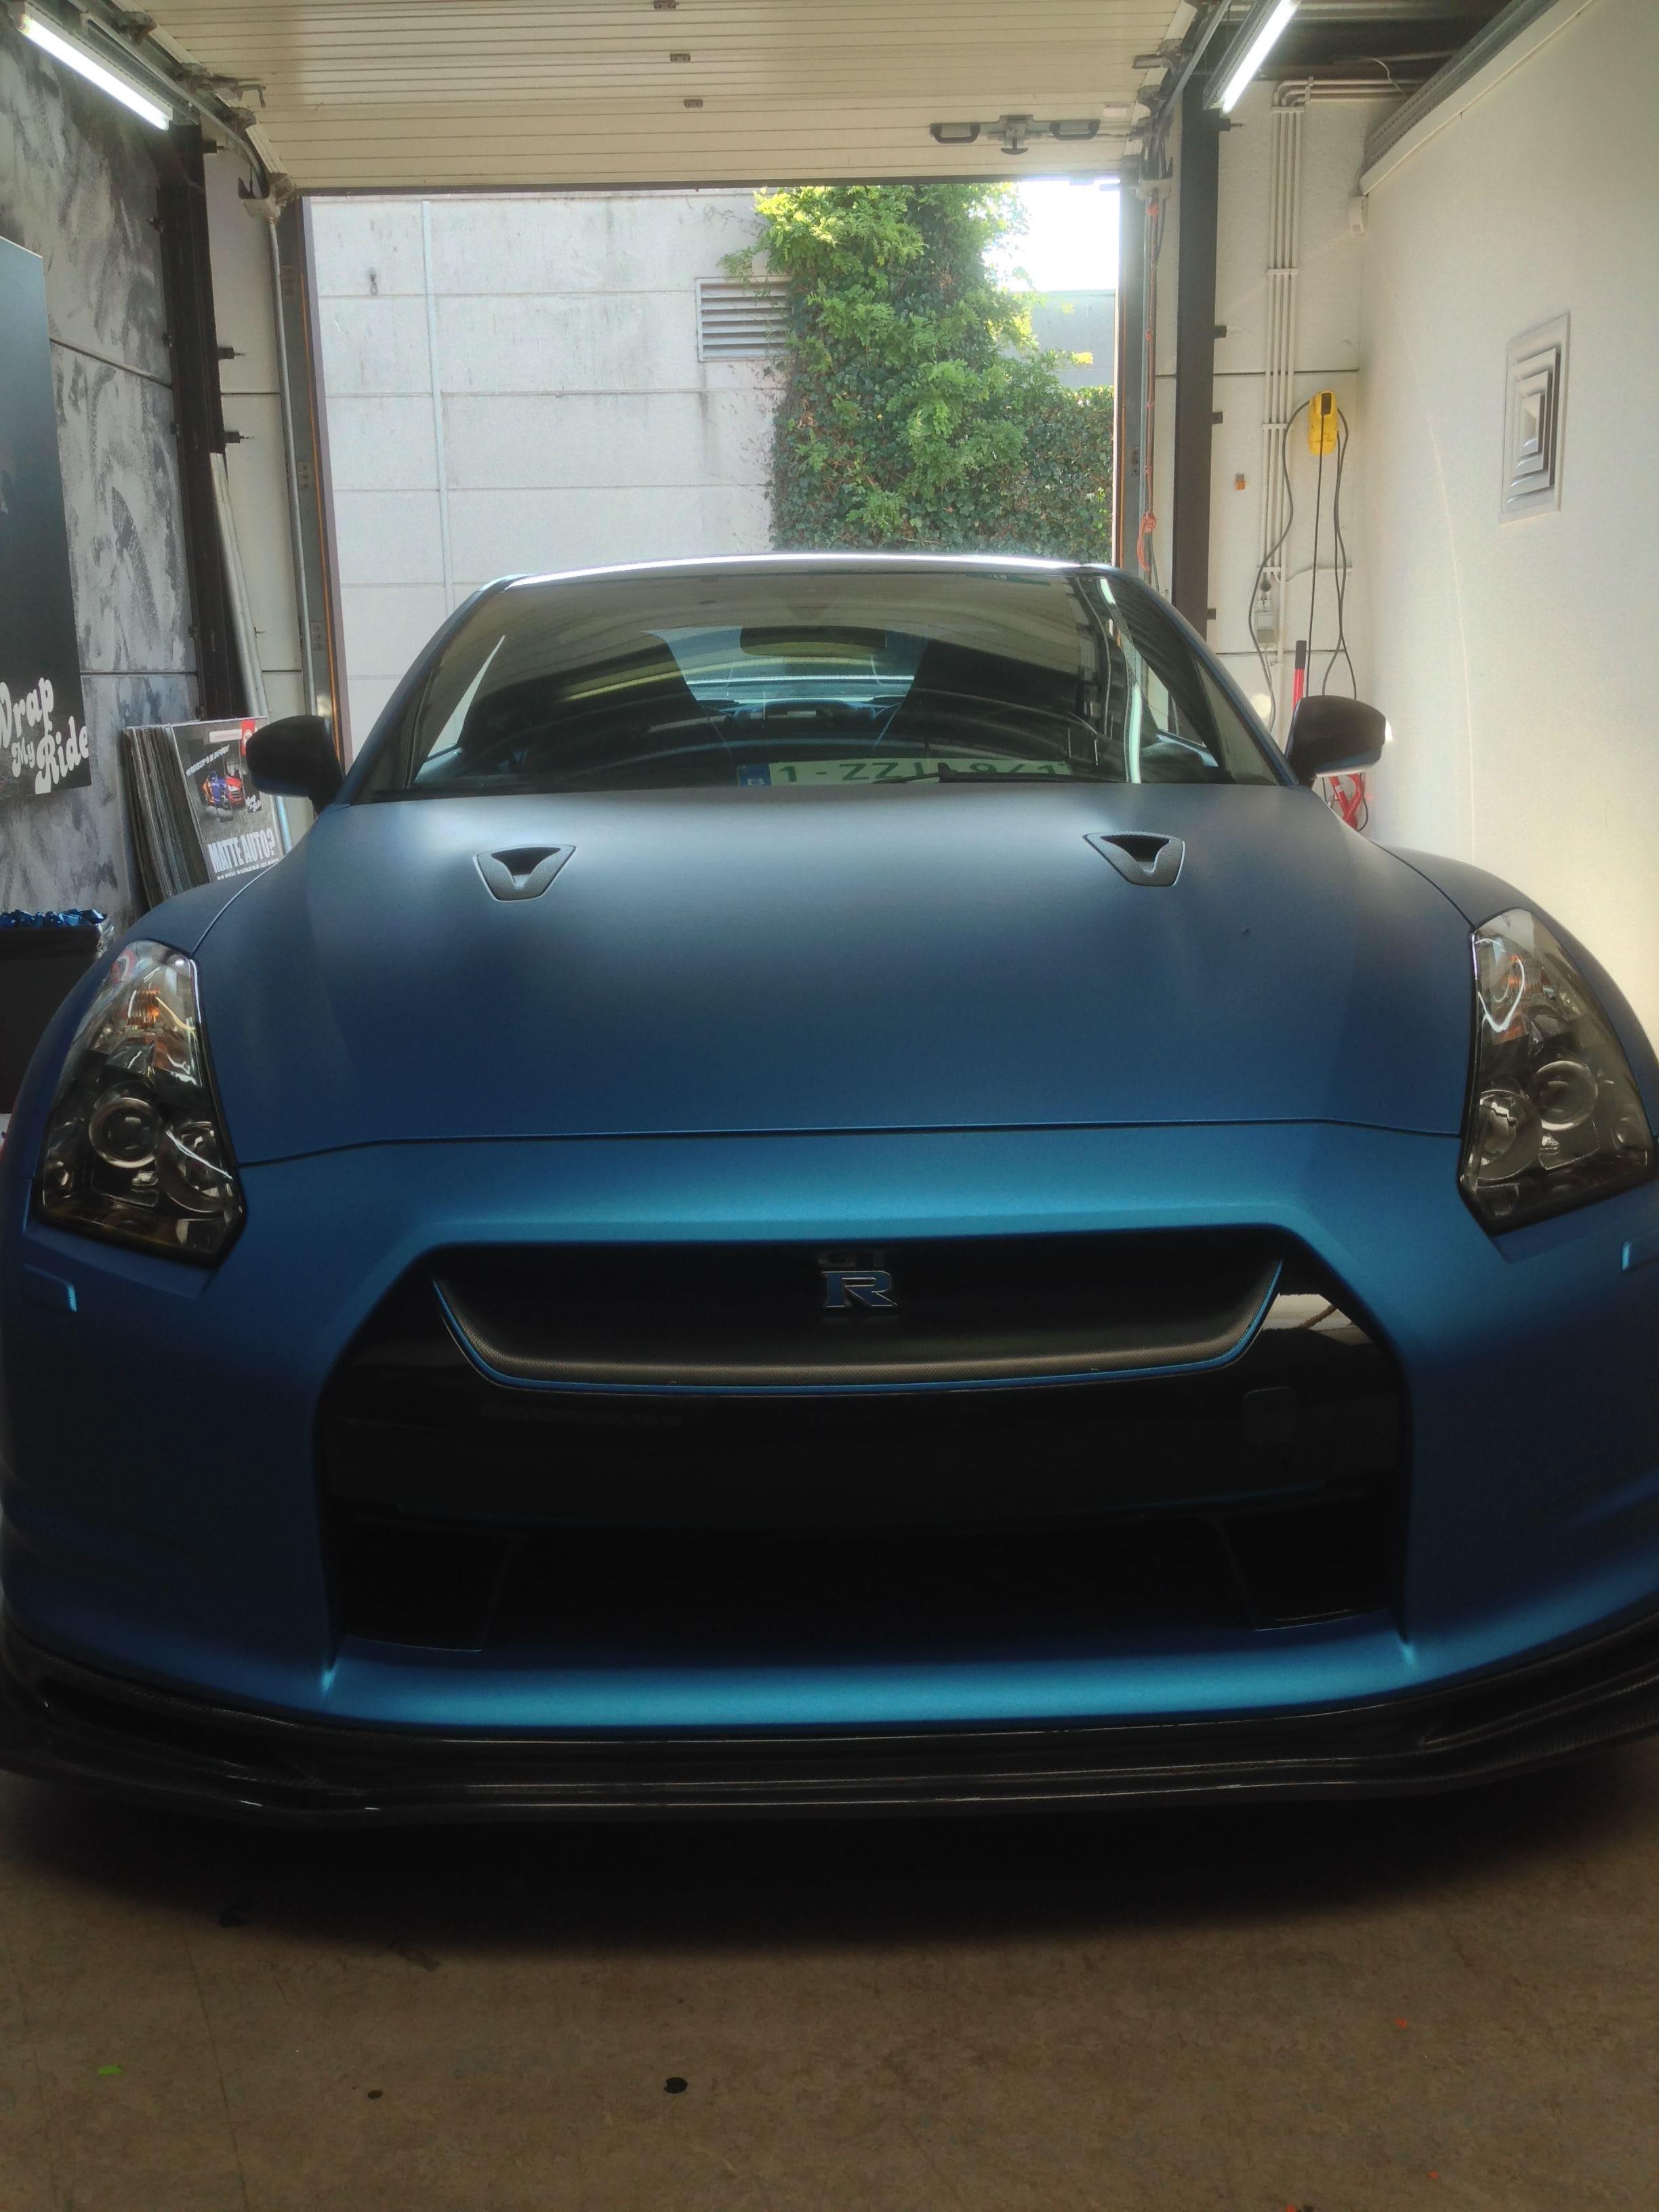 Nissan GT-R in Mat Blauwe Wrap, Carwrapping door Wrapmyride.nu Foto-nr:6524, ©2021